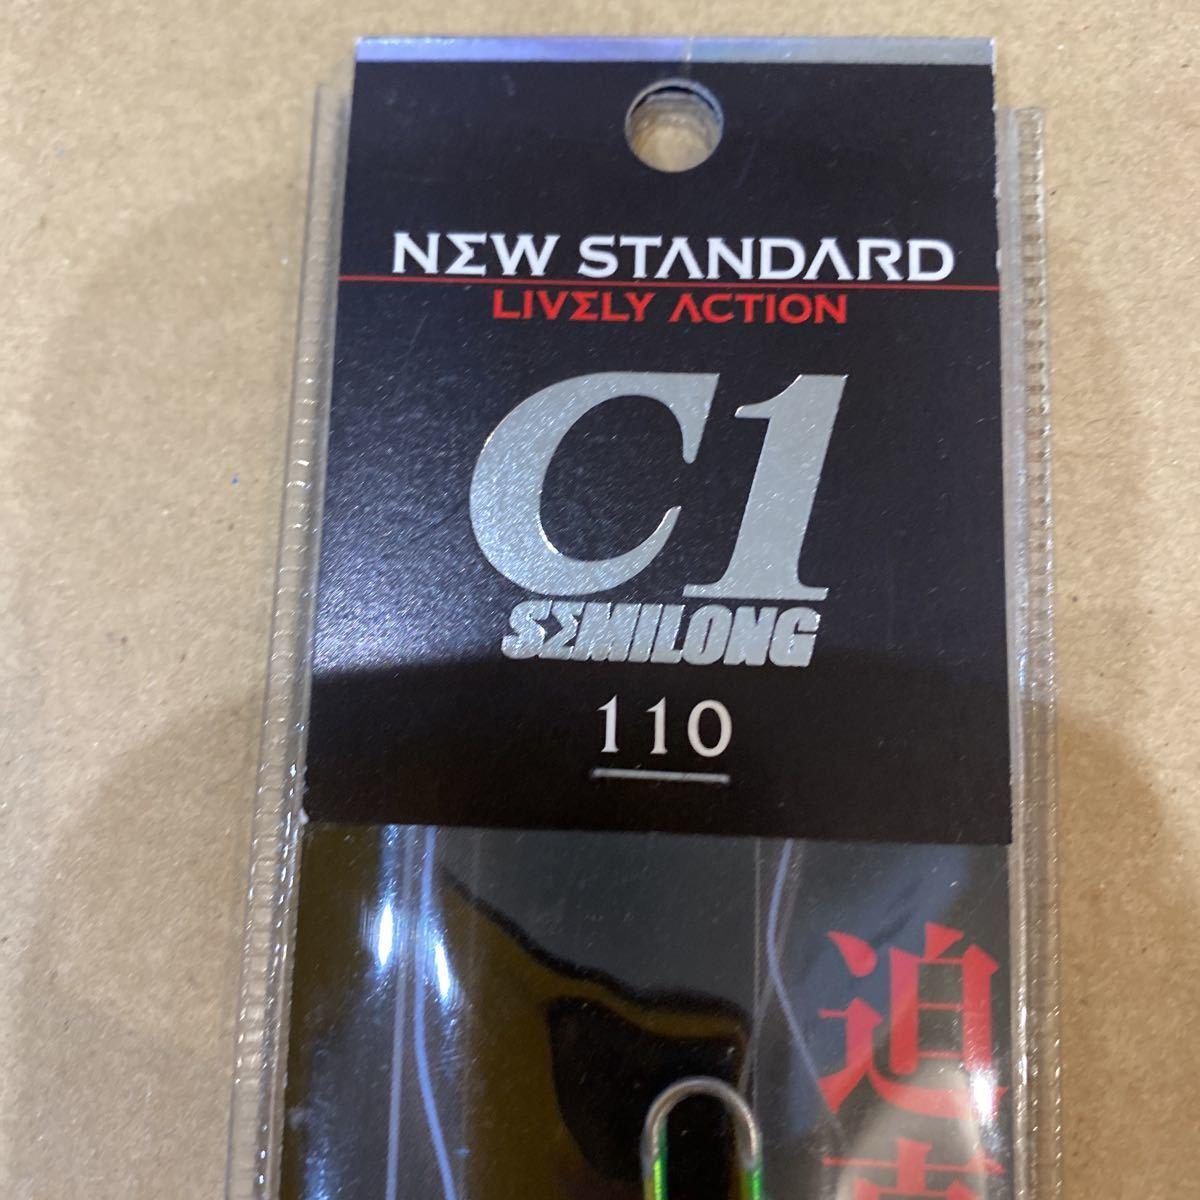 新品未使用 CB ONE シービーワン C1 セミロング 110g 人気色 その1 H6 メタルジグ ジギング ソルト ルアー 同梱可_画像3